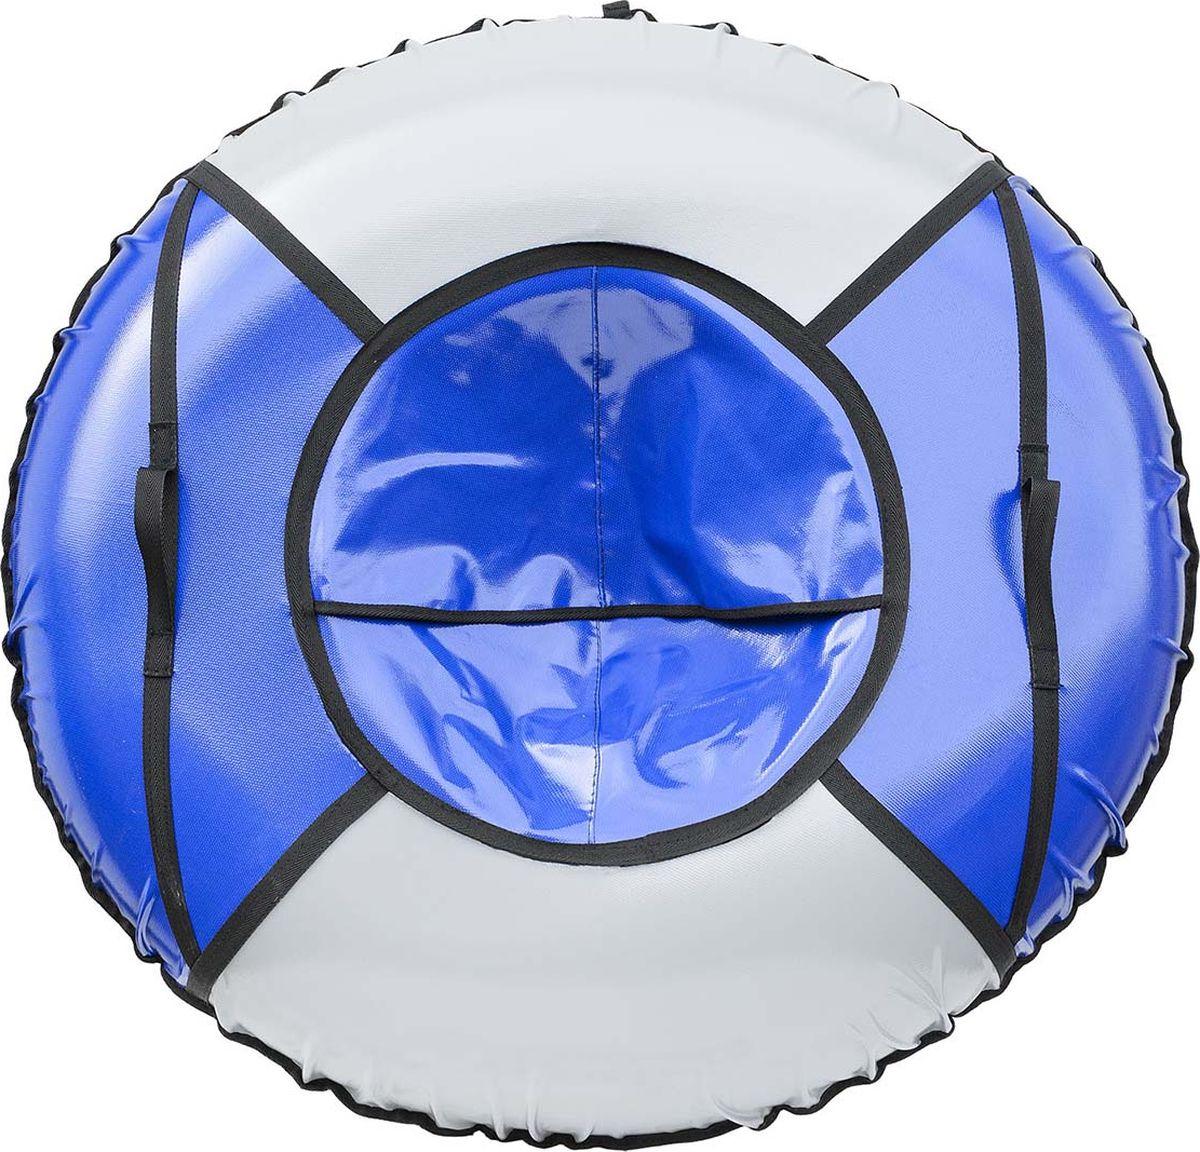 Тюбинг Эх, Прокачу! Профи-4, цвет: серый, синий, диаметр 100 смСП100-4-4Любимая детская зимняя забава - это кататься с горки. А катание на тюбинге Эх, Прокачу! Профи-4 надолго запомнится вам и вашим близким. Свежий воздух, веселая компания, веселые развлечения - эти моменты вы будете вспоминать еще долгое время.Особенности: Материал - ткань ПВХ, плотность 630 г/м2Диаметр в надутом виде - 100см.Морозоустойчивость - до -45 градусов.Камера российского производства, буксировочный ремень. Тюбинг не предназначен для буксировки механическими или транспортными средствами (подъемники, канатные дороги, лебедки, автомобиль, снегоход, квадроцикл и т.д.)Допускается деформация формы санок из-за неравномерности надувания камеры.